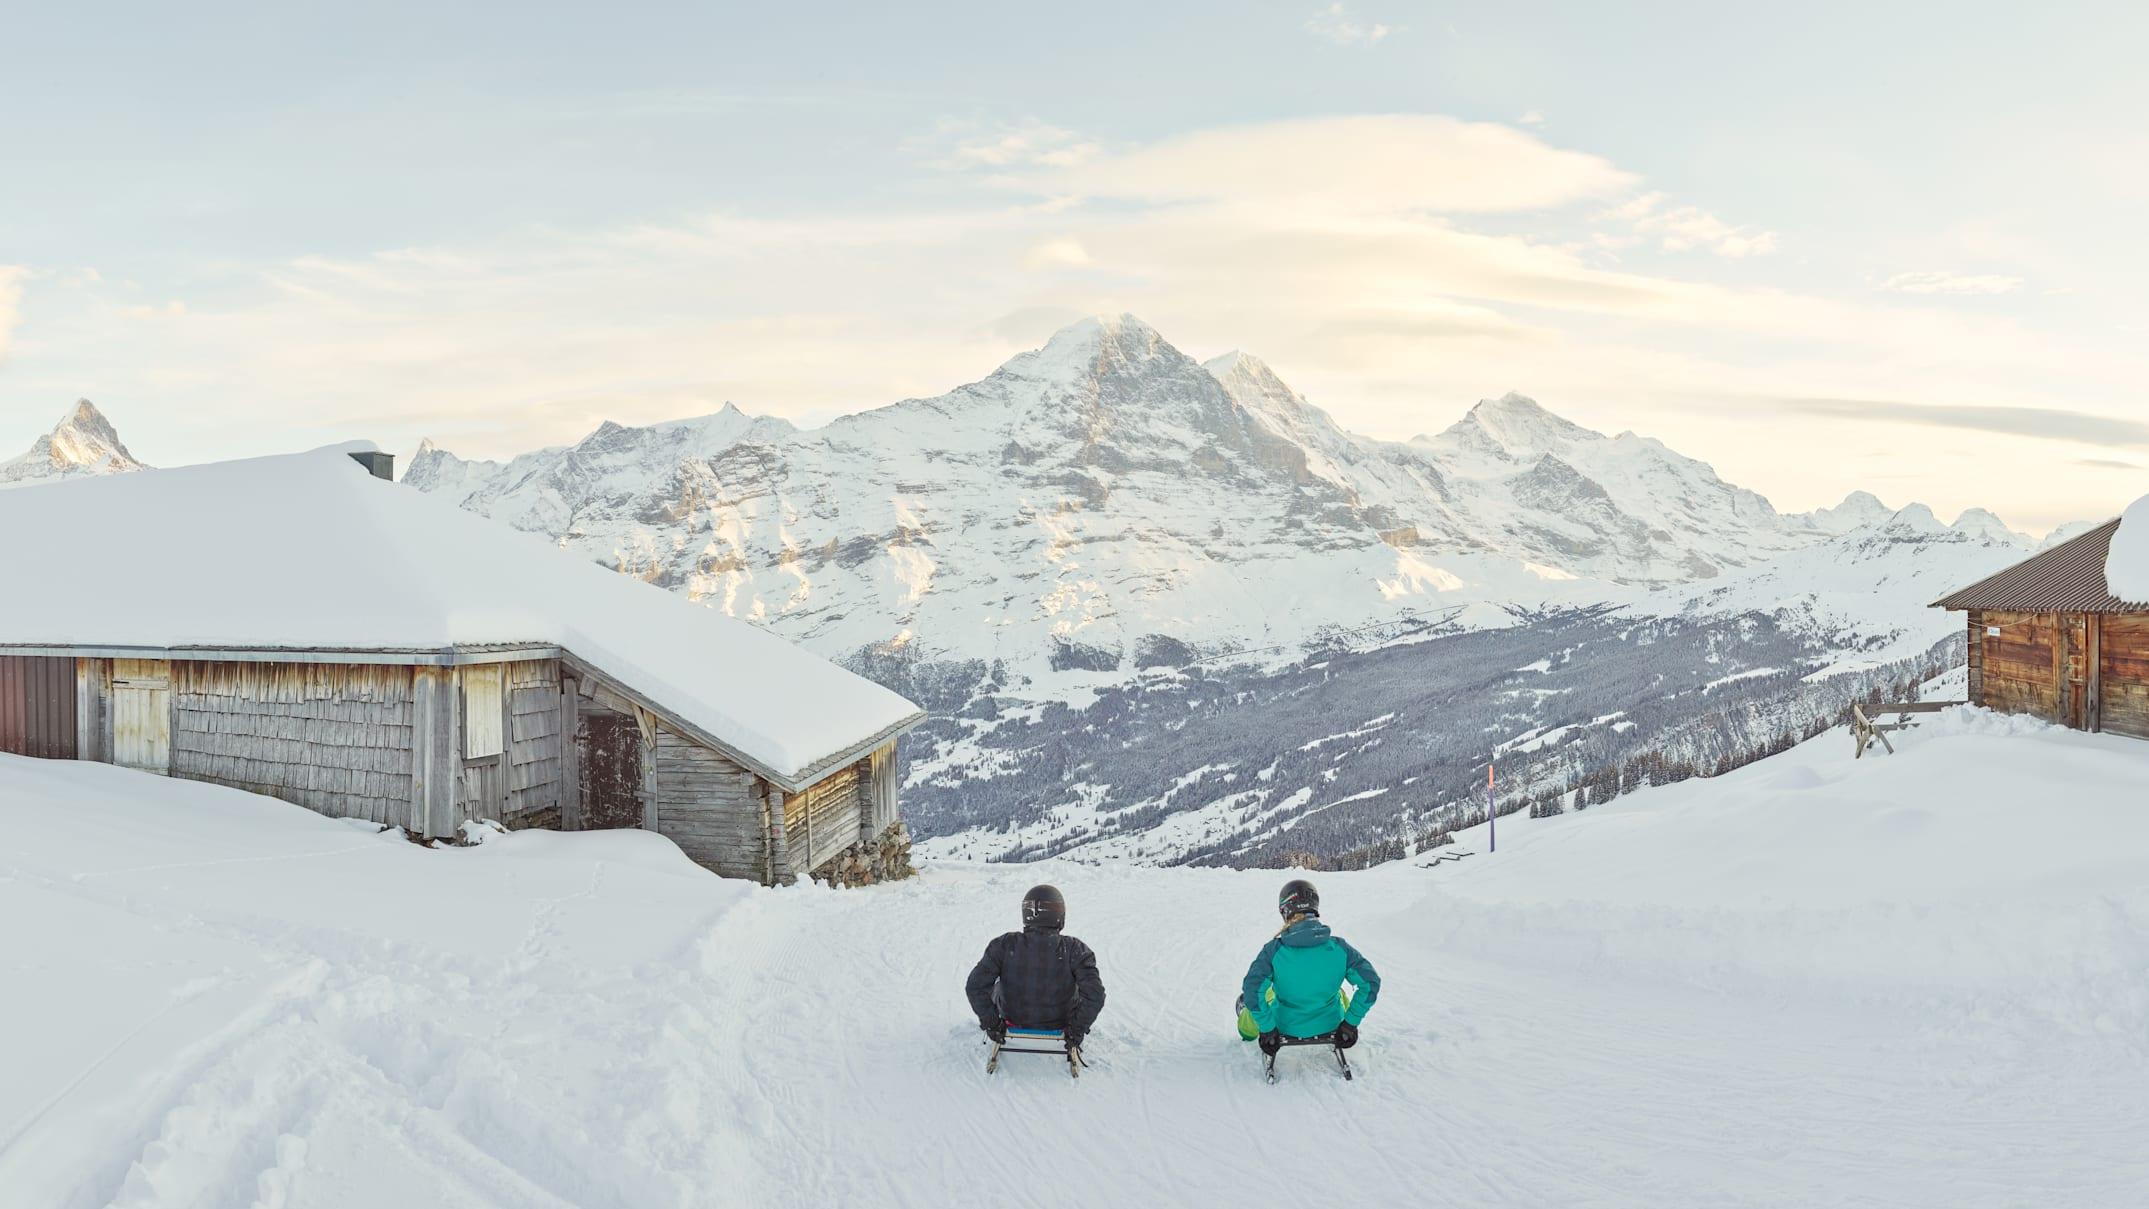 Schlitteln Grindelwald Bussalp Eiger Moench Jungfrau